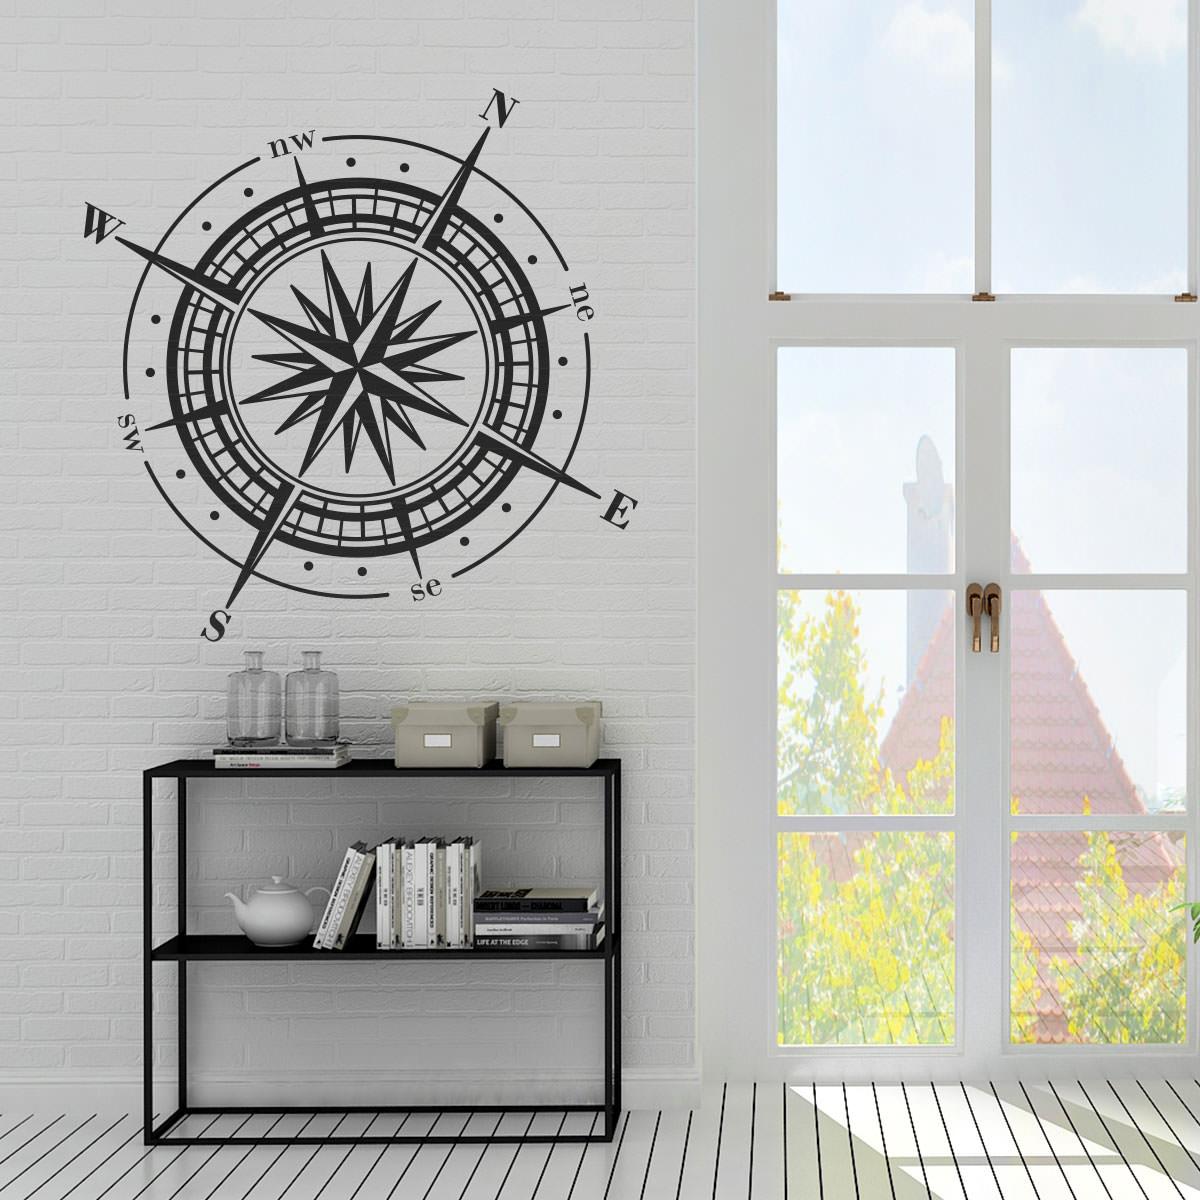 Wandtattoo maritim nautical kompass compass - Wandtattoo kompass ...